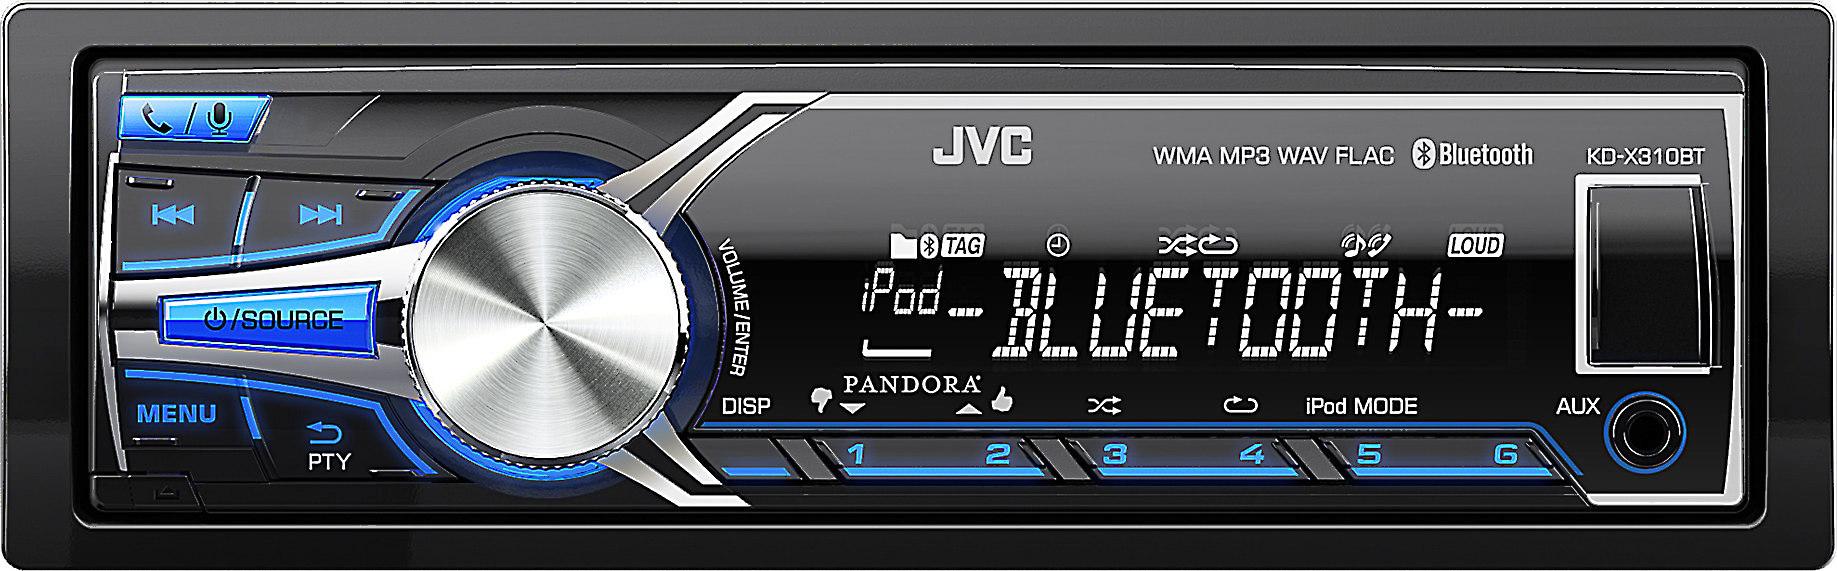 c4e0a63cce3e JVC KD-X310BT Digital media receiver at Crutchfield.com